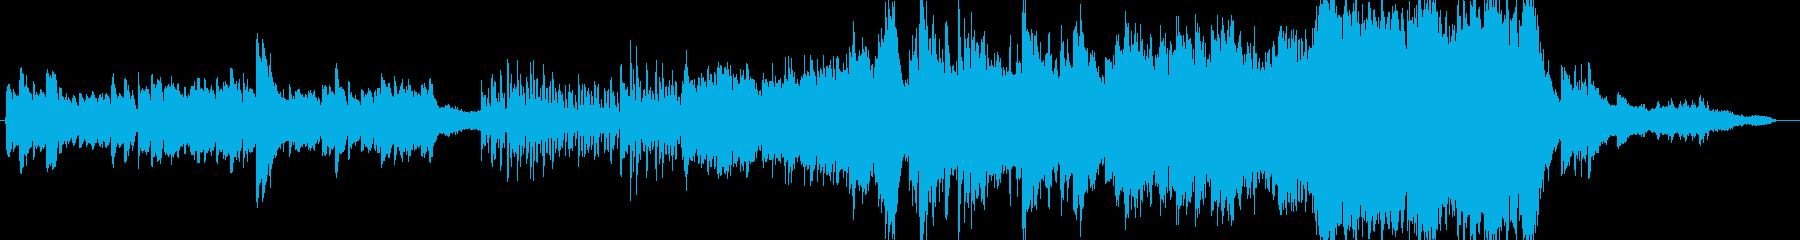 ピアノ奏でる感動的なエンディング風BGMの再生済みの波形